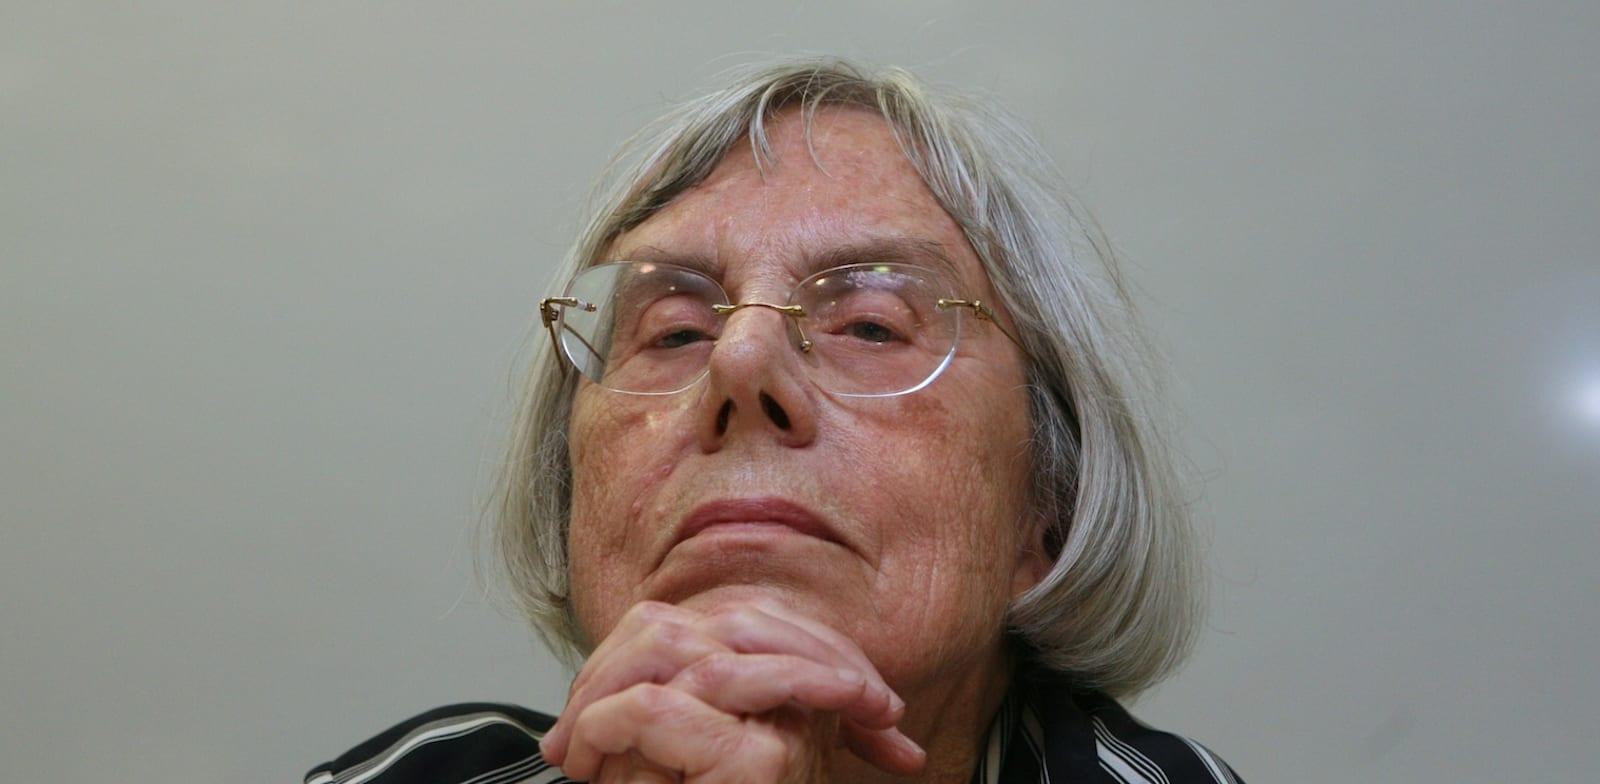 נשיאת מועצת העיתונות לשעבר, השופטת בדימוס דליה דורנר / צילום: עינת לברון